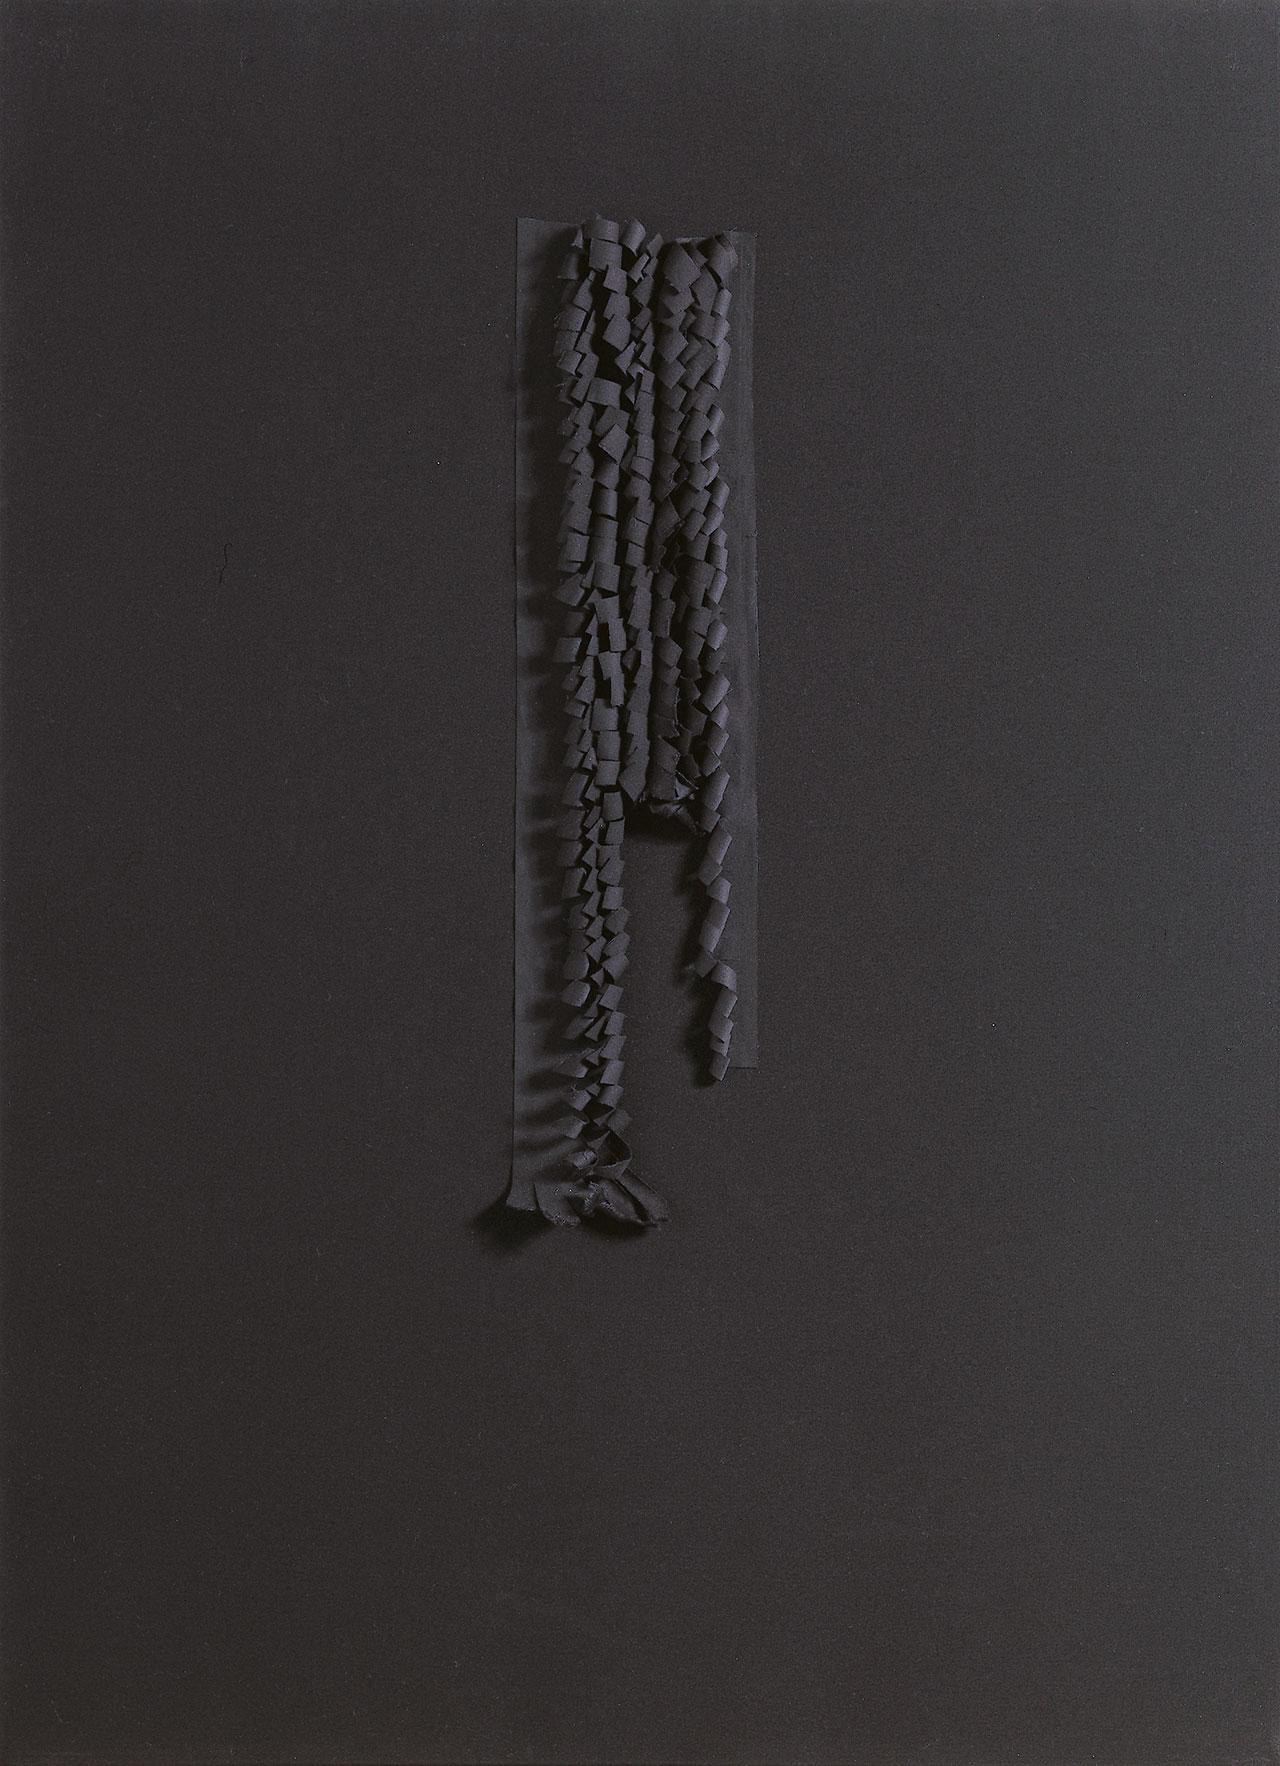 朱為白 微思-黑 綿 84✕59x3.5cm